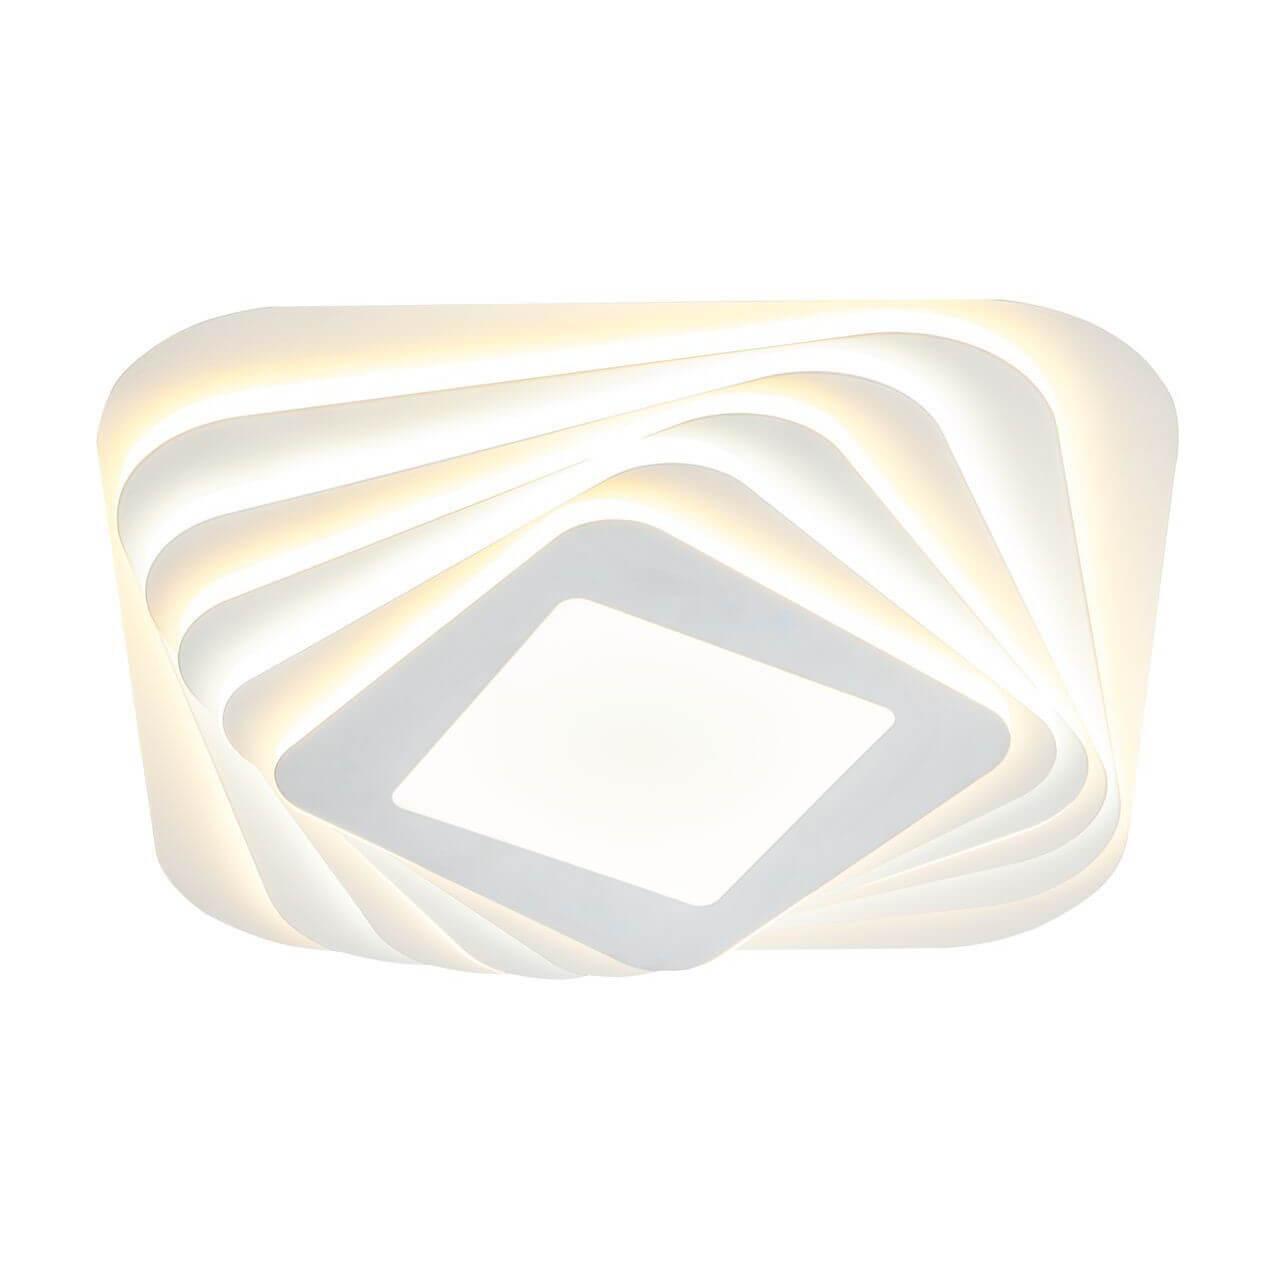 цены на Потолочный светильник Freya FR6005CL-L60W, LED, 60 Вт  в интернет-магазинах